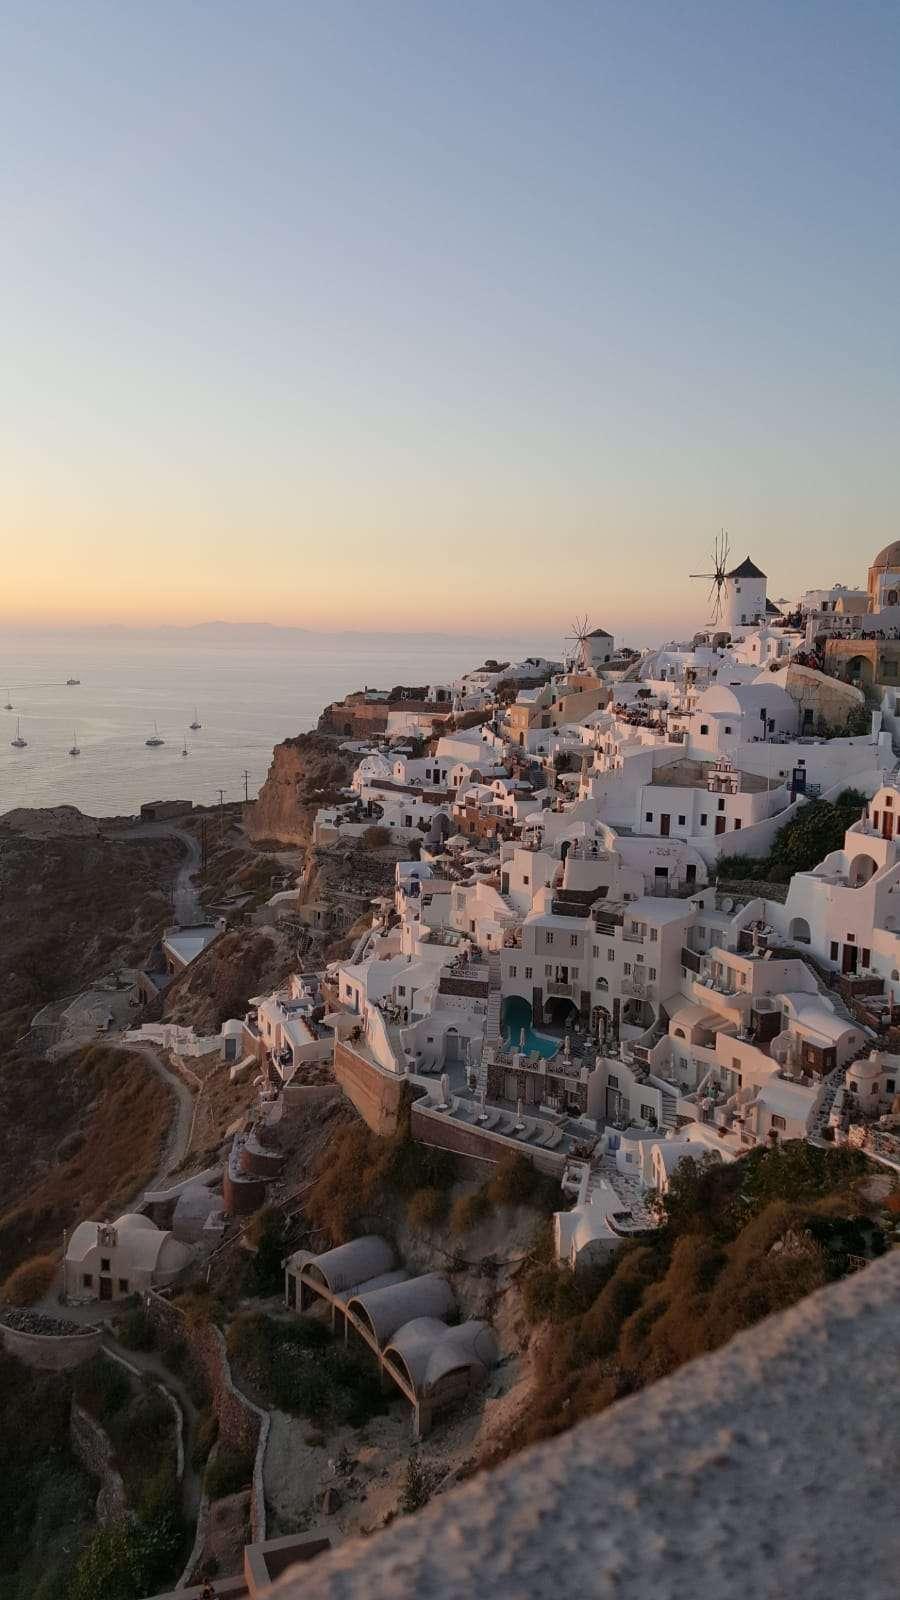 Griekenland, Santorini, uitzicht op Oia